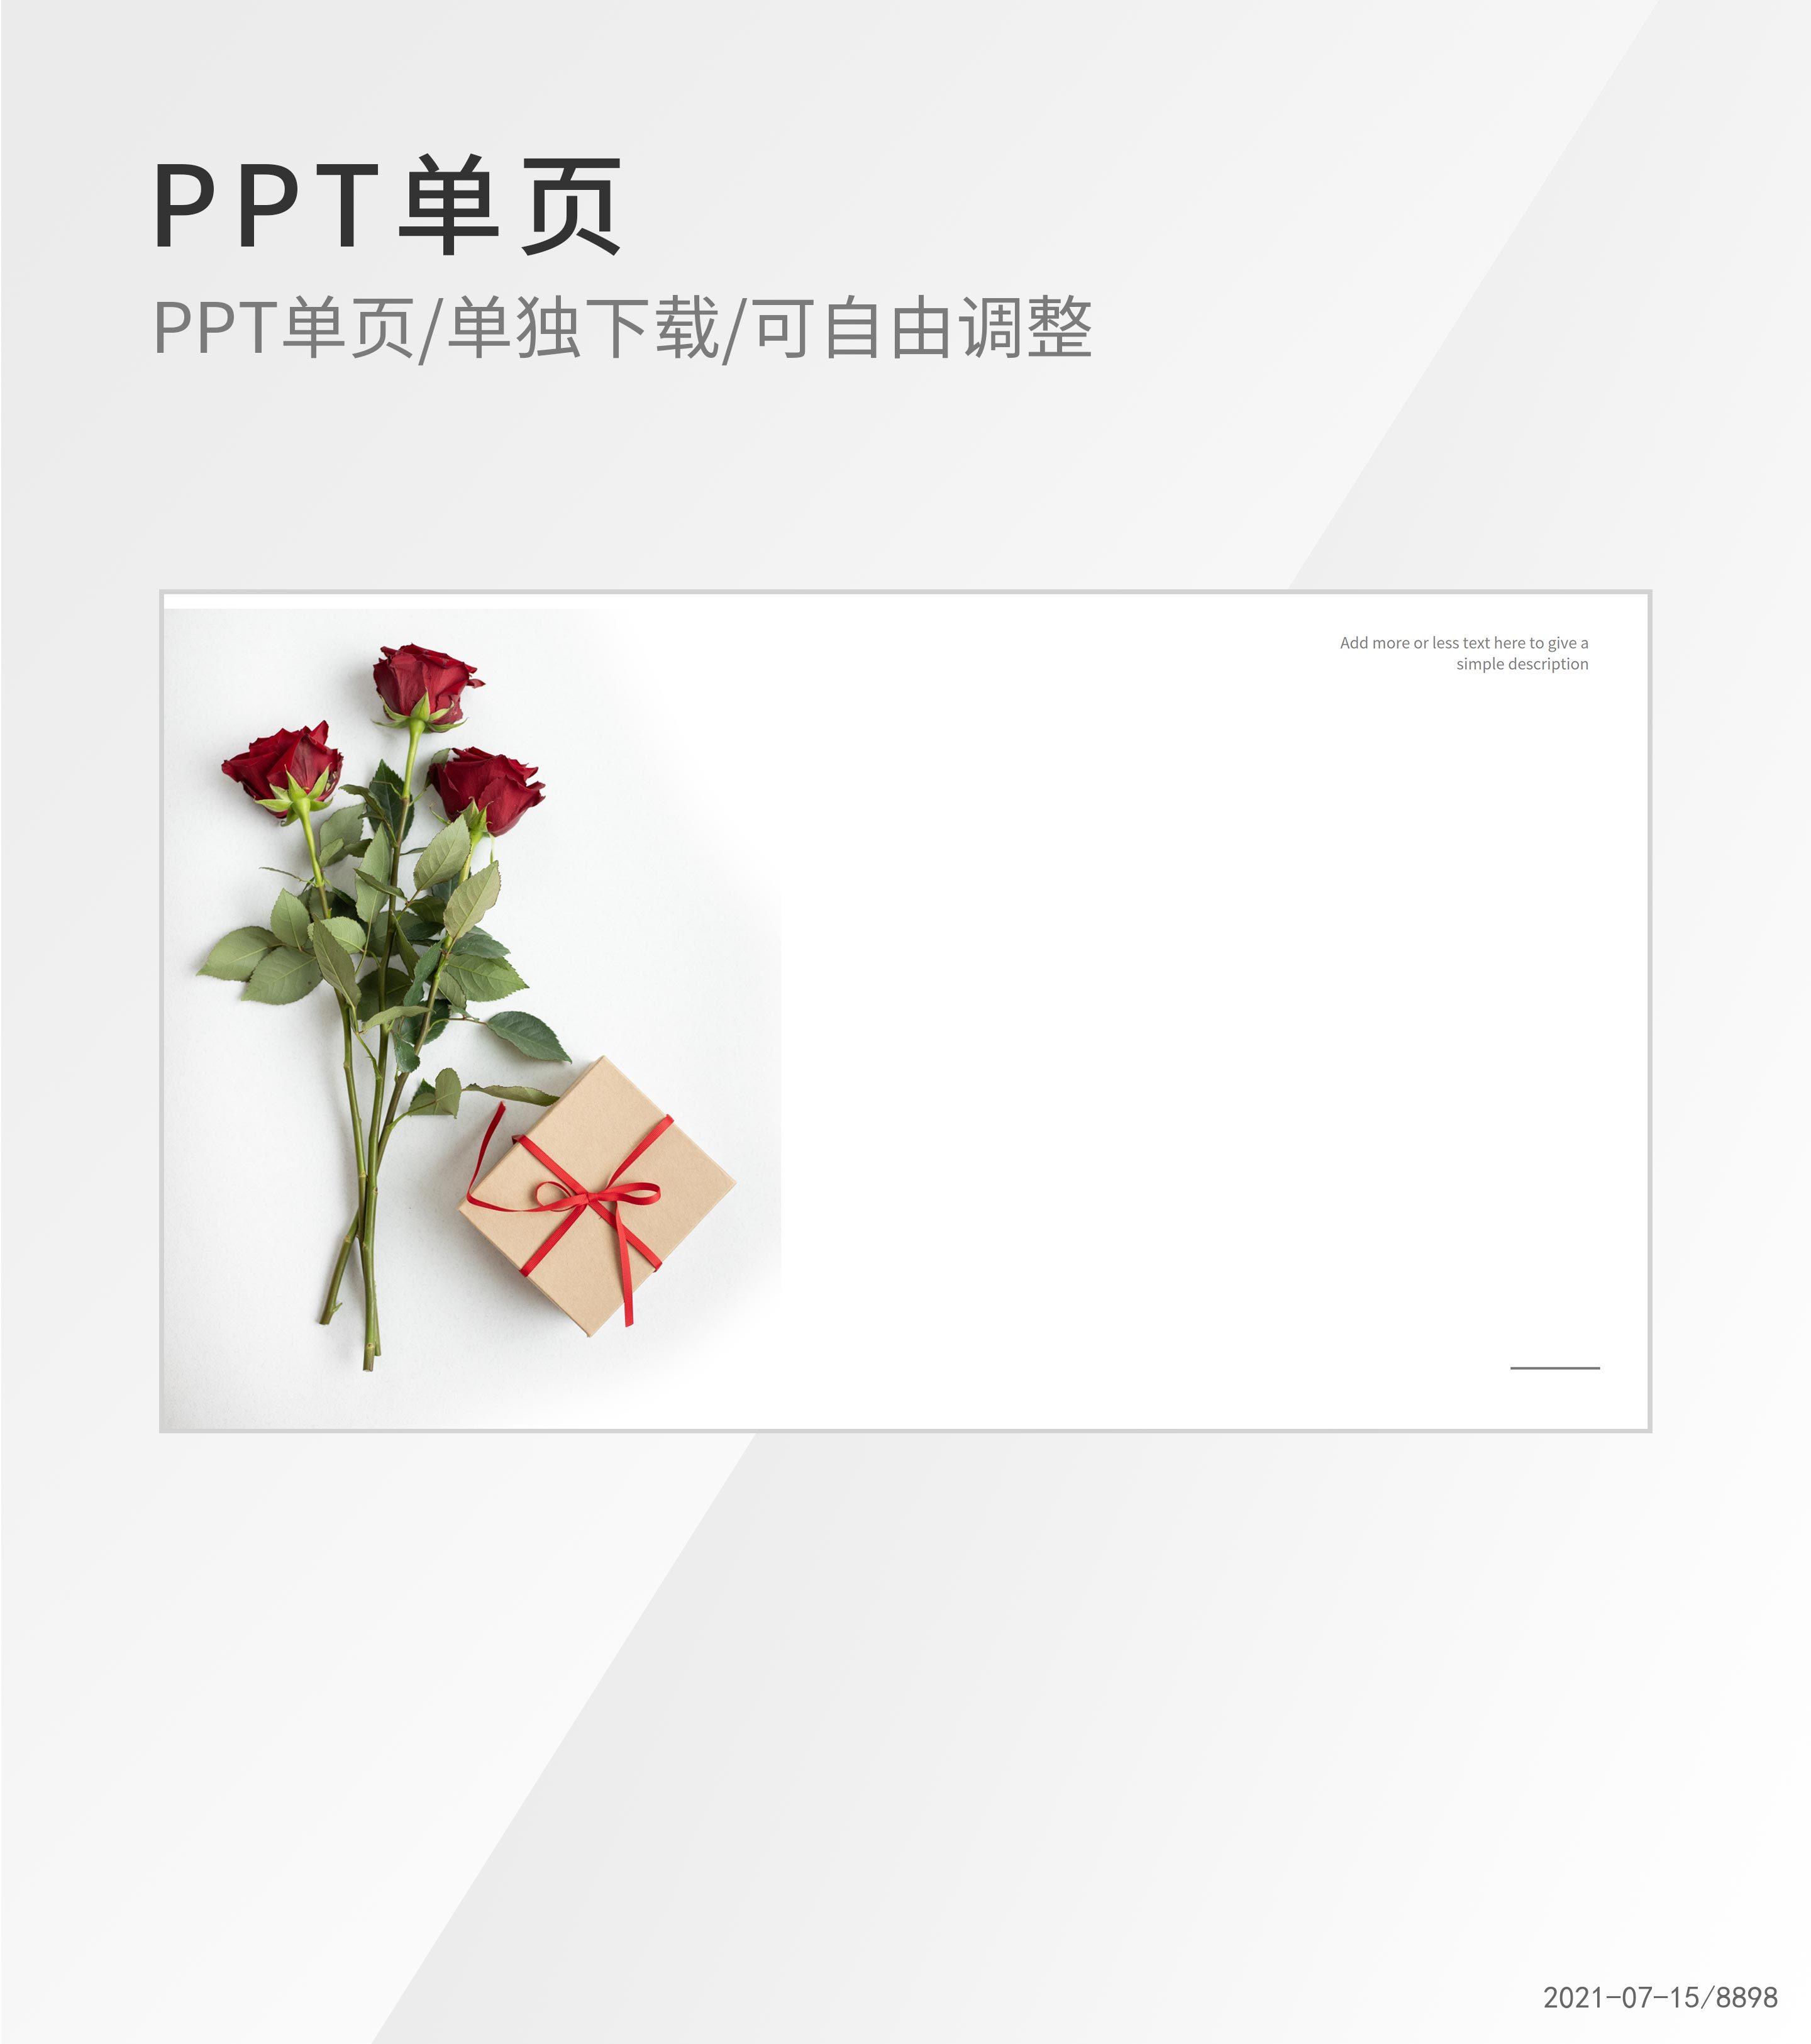 白色唯美画册风PPT封面背景